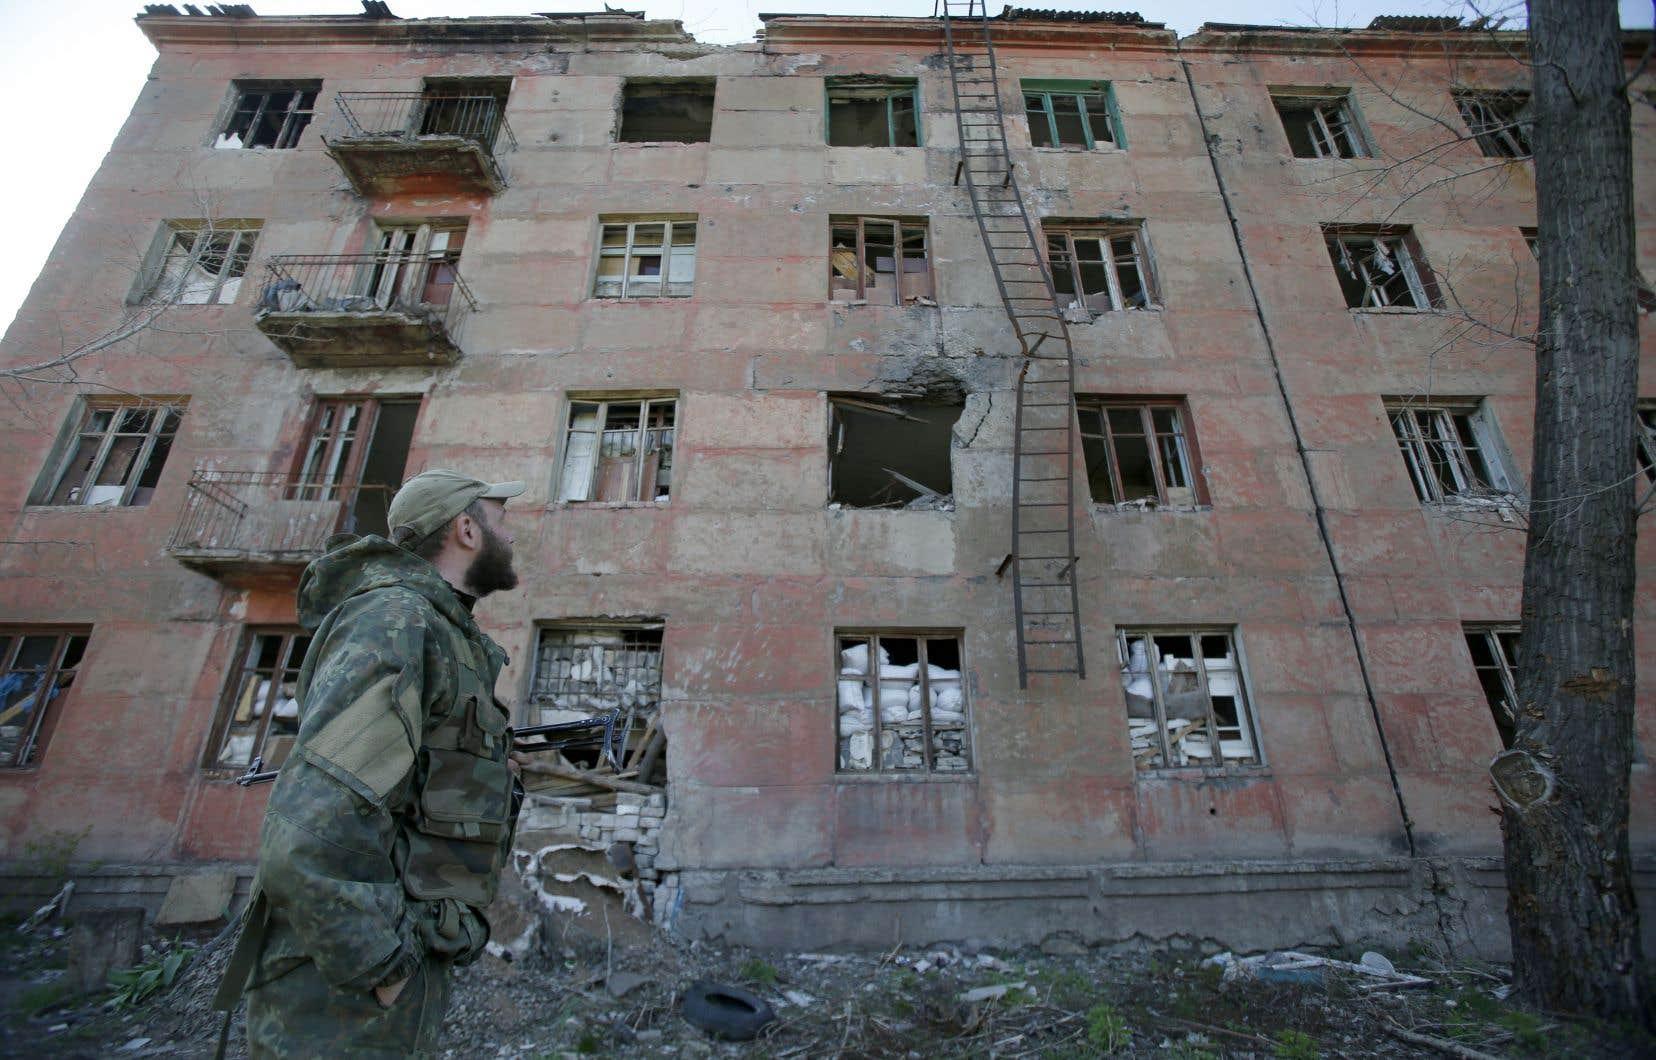 Un militaire ukrainien passe devant un bâtiment détruit à la suite d'un bombardement par des séparatistes soutenus par la Russie dans la petite ville de Zolote, dans la région de Lougansk, le 20 avril 2019.